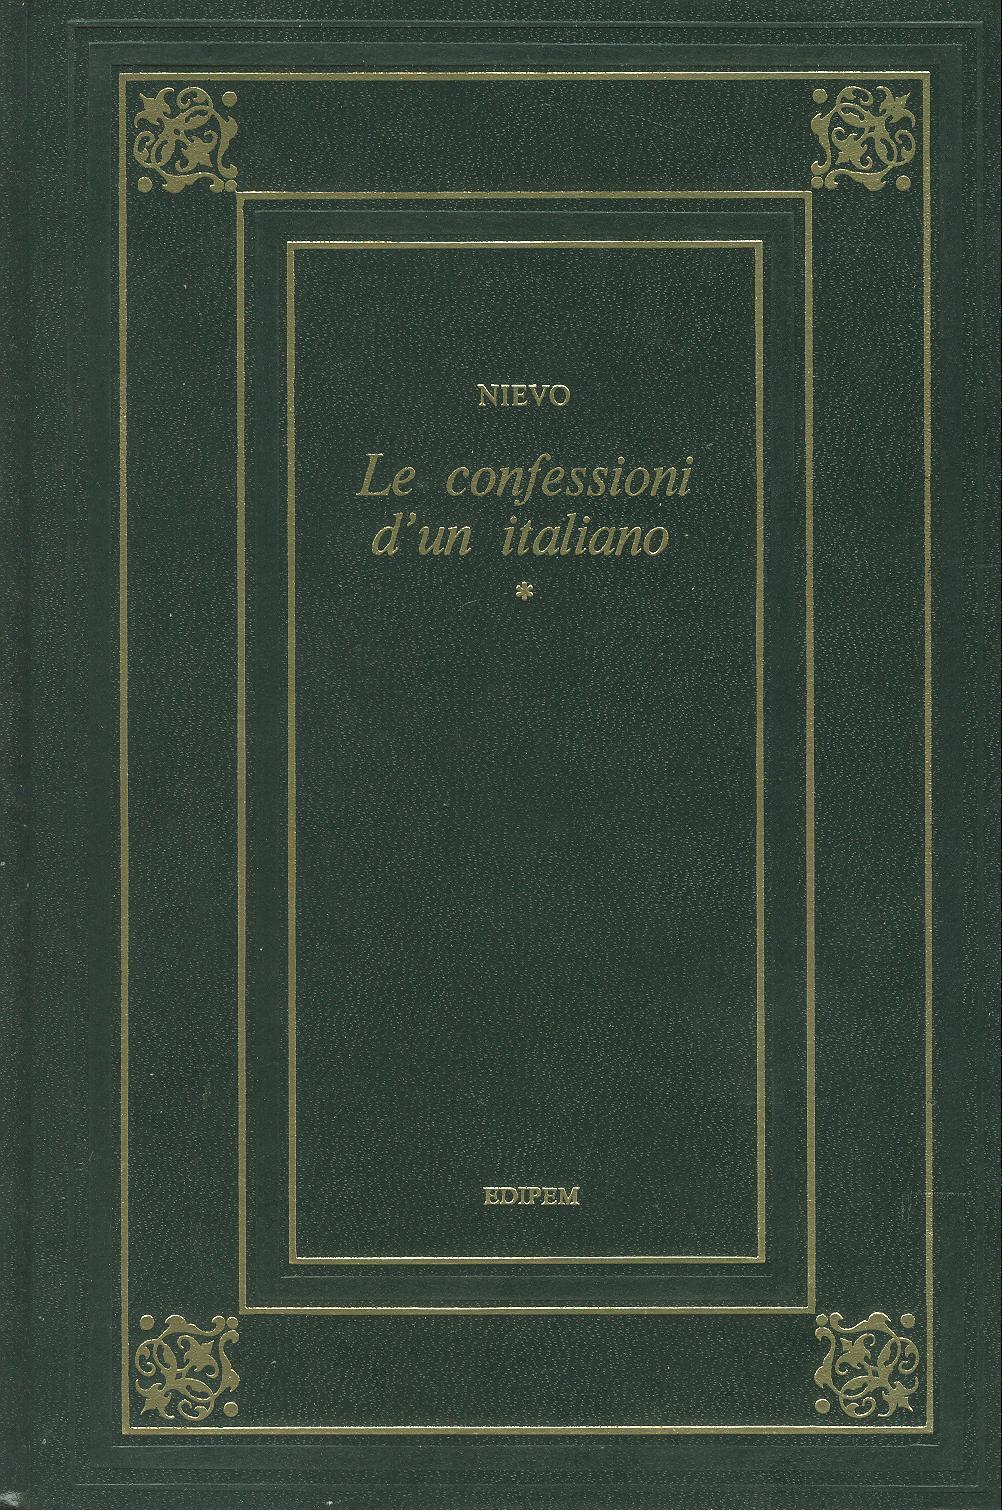 Le confessioni d'un italiano (volume primo)